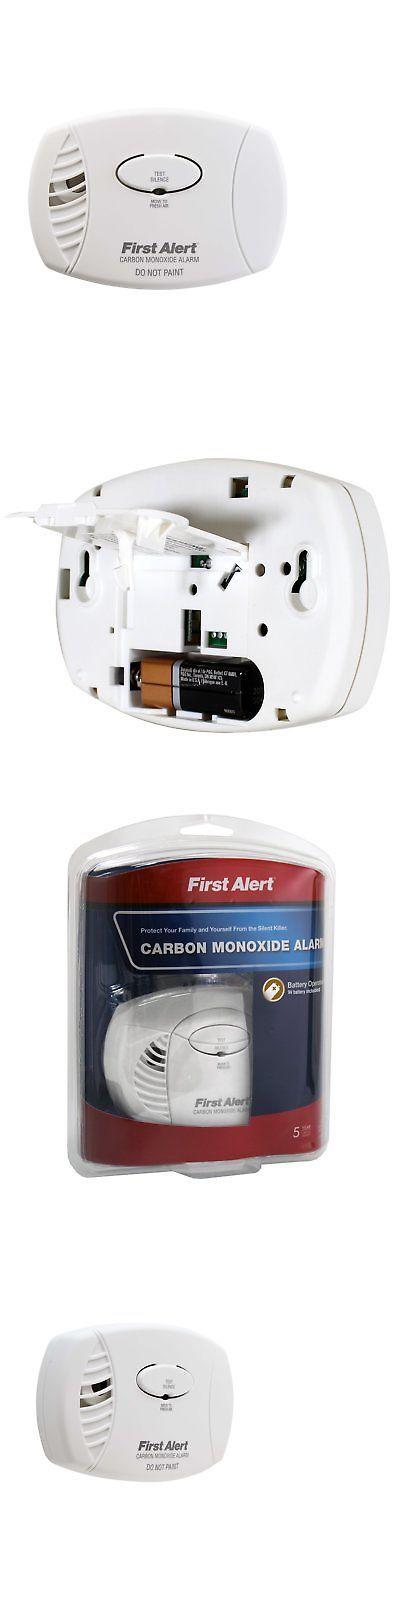 Details About First Alert Co400 Carbon Monoxide Detector Battery Operated Carbon Monoxide Detector Carbon Monoxide